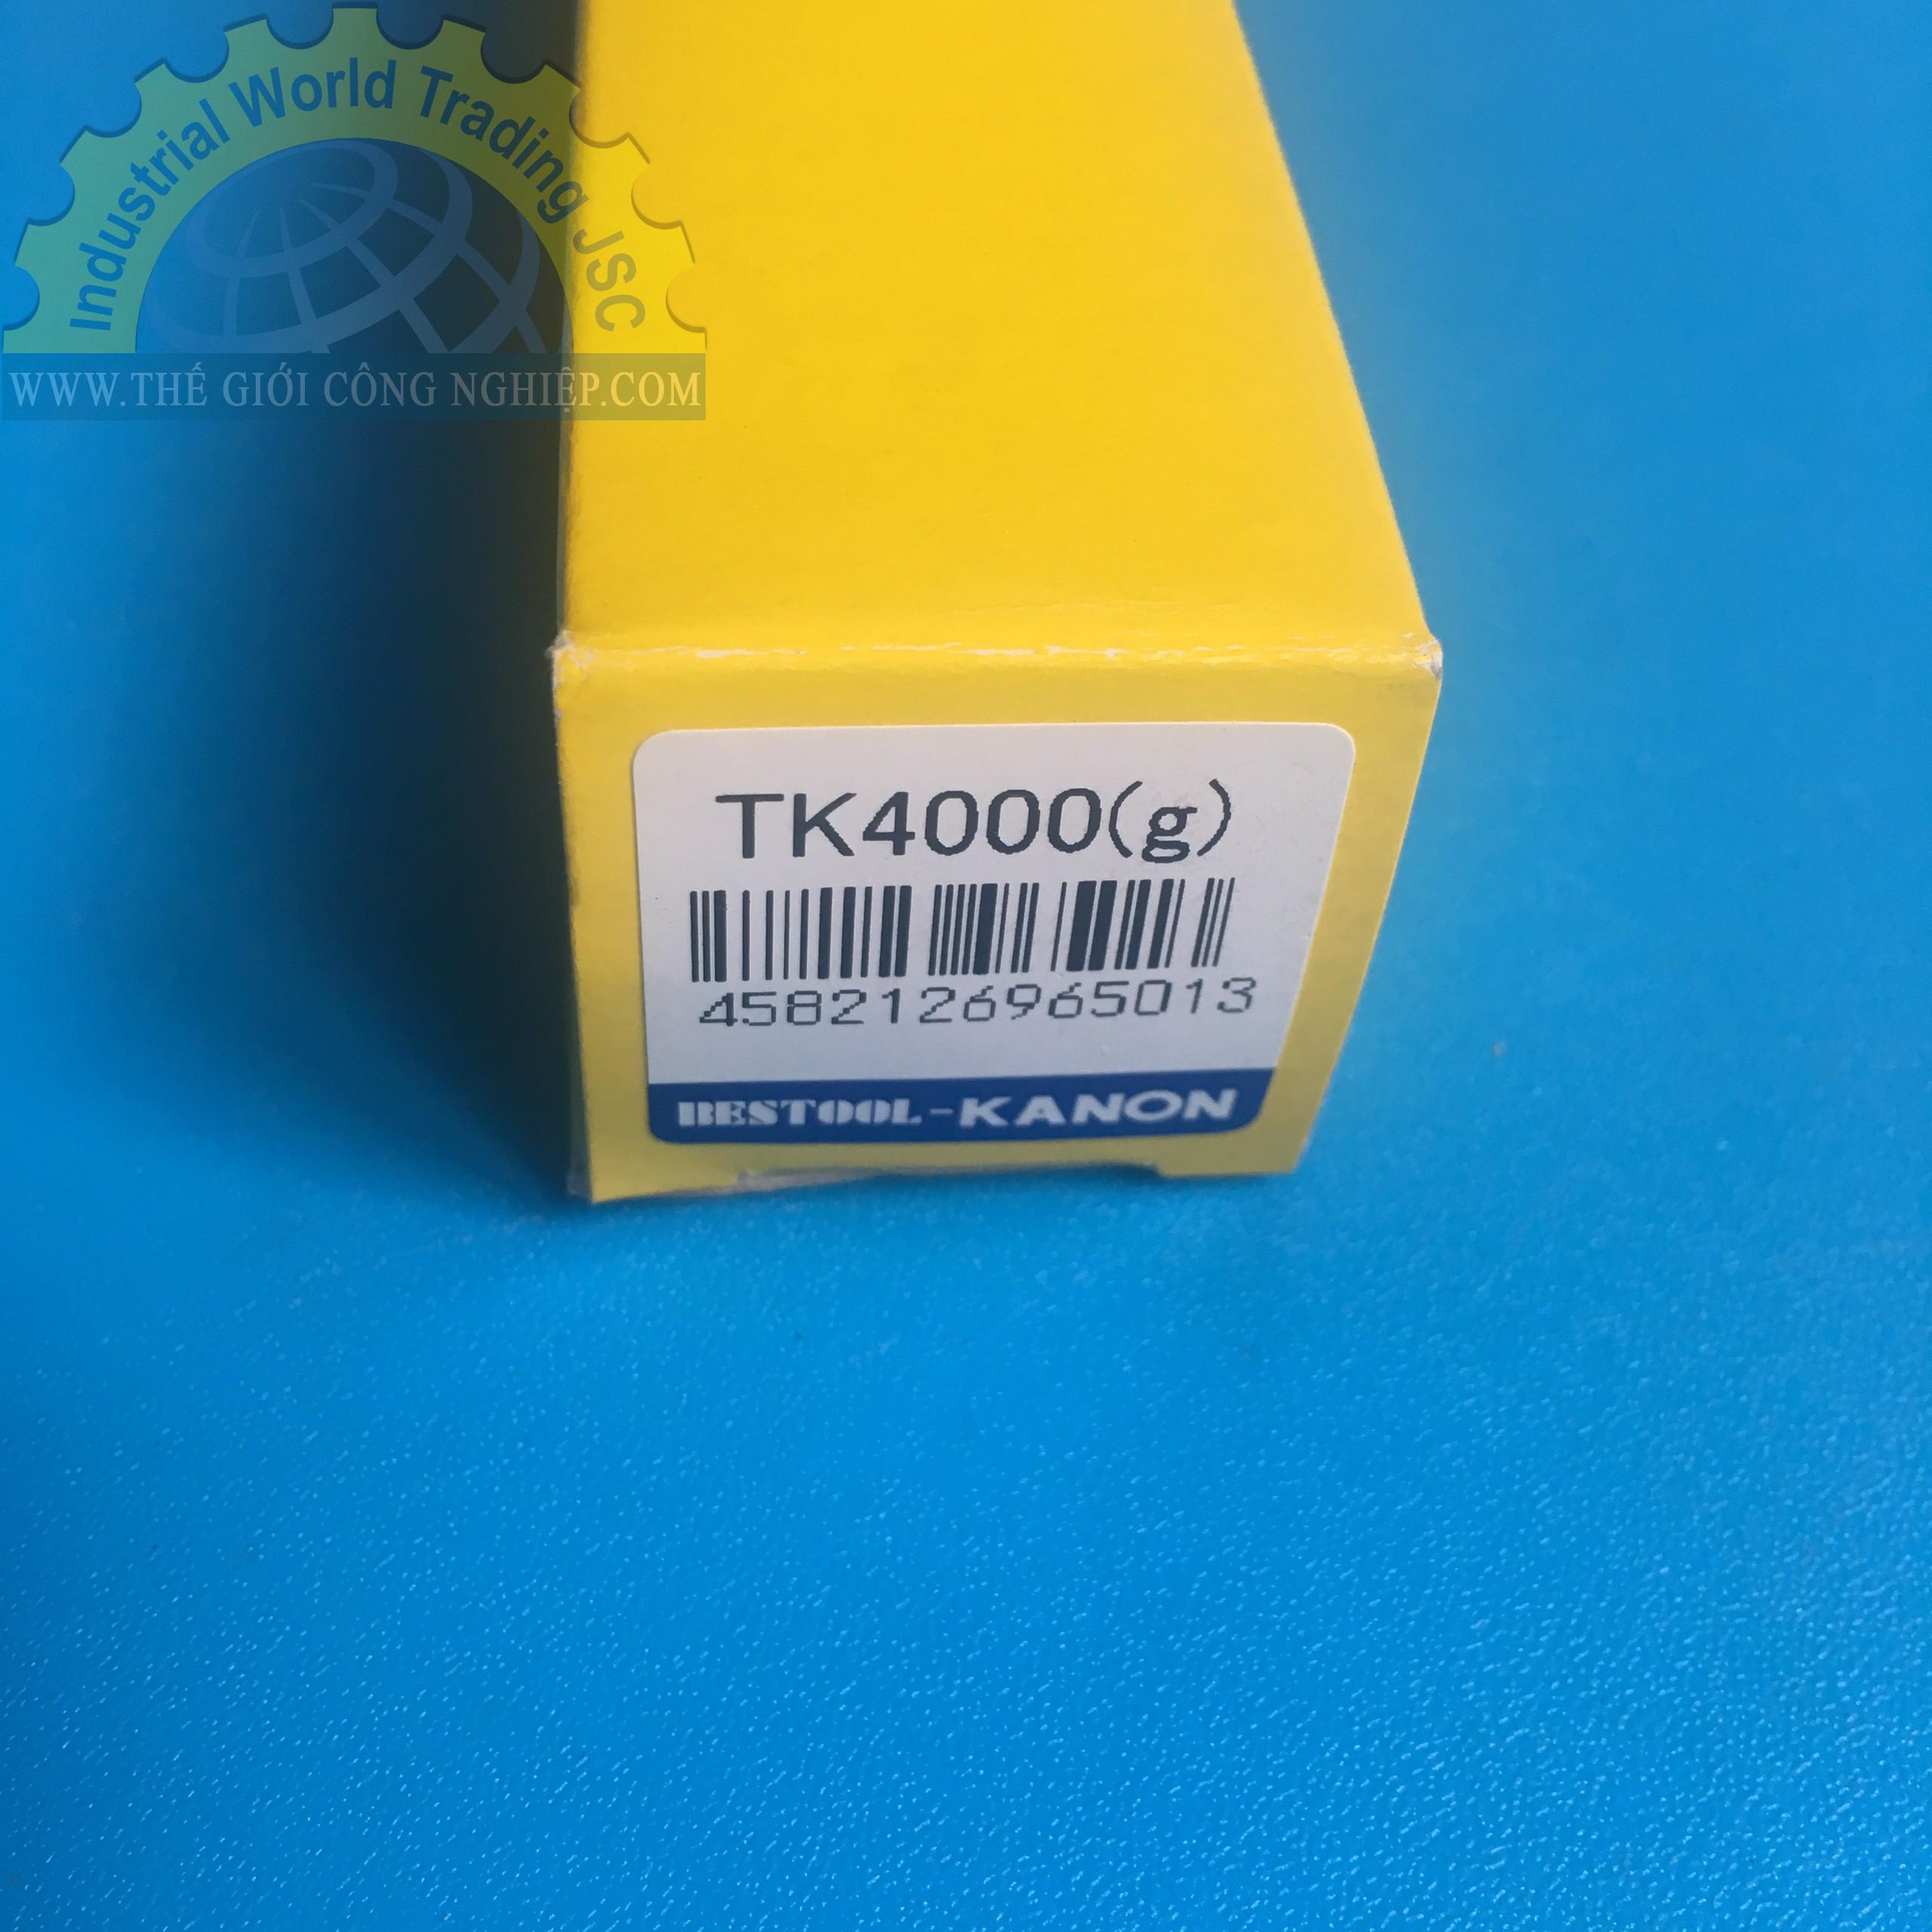 Thiết bị đo lực căng 0-4000g  TK4000 Kanon